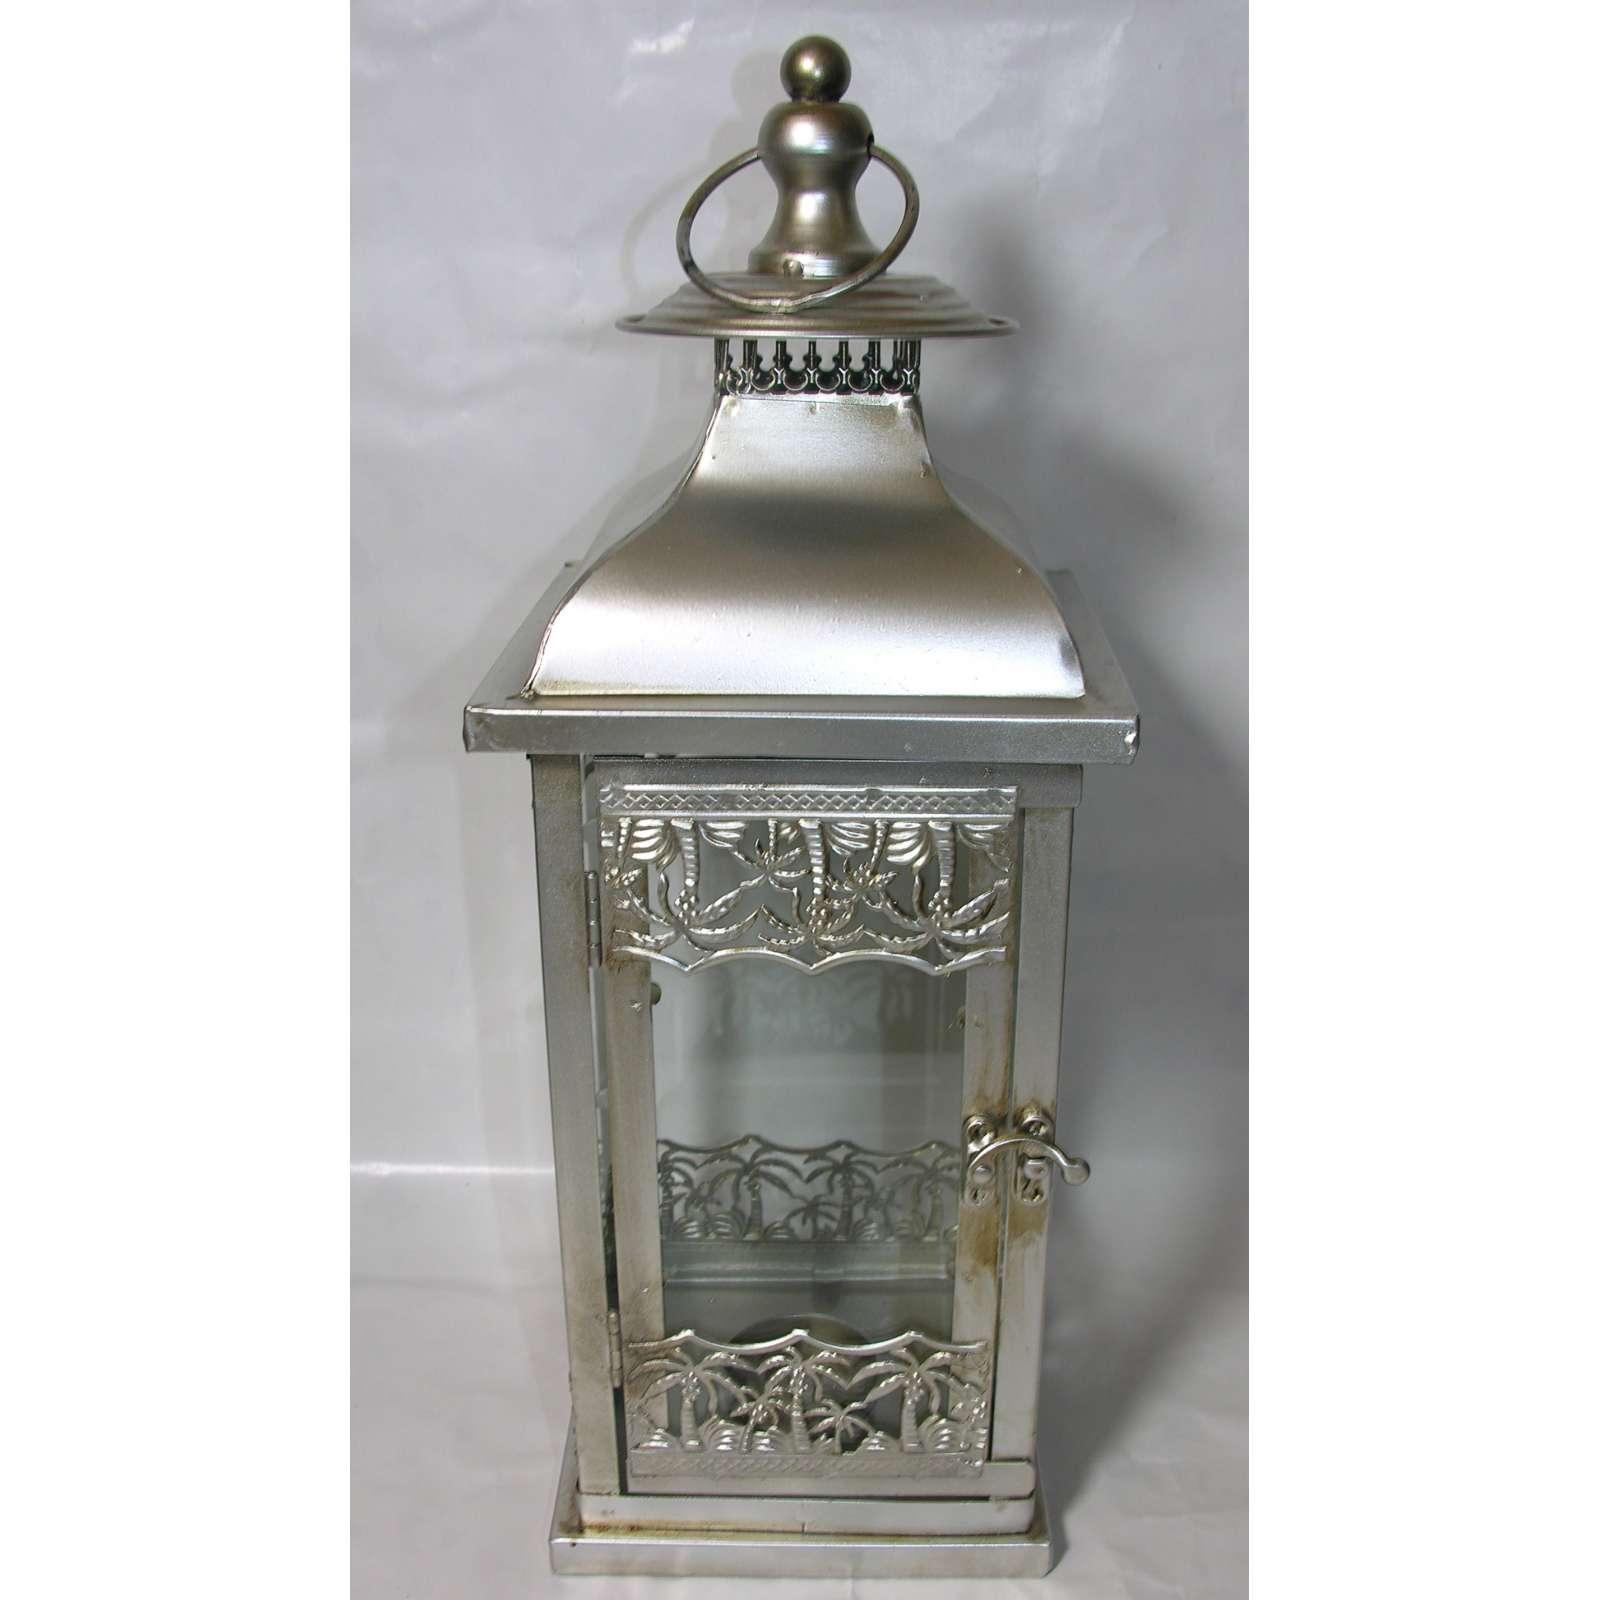 Laterne Windlicht Metall Weiß Shabby Vintage Weihnachten: Metall-Laterne 42cm Hoch Shabby Chic Silber Retro Glas